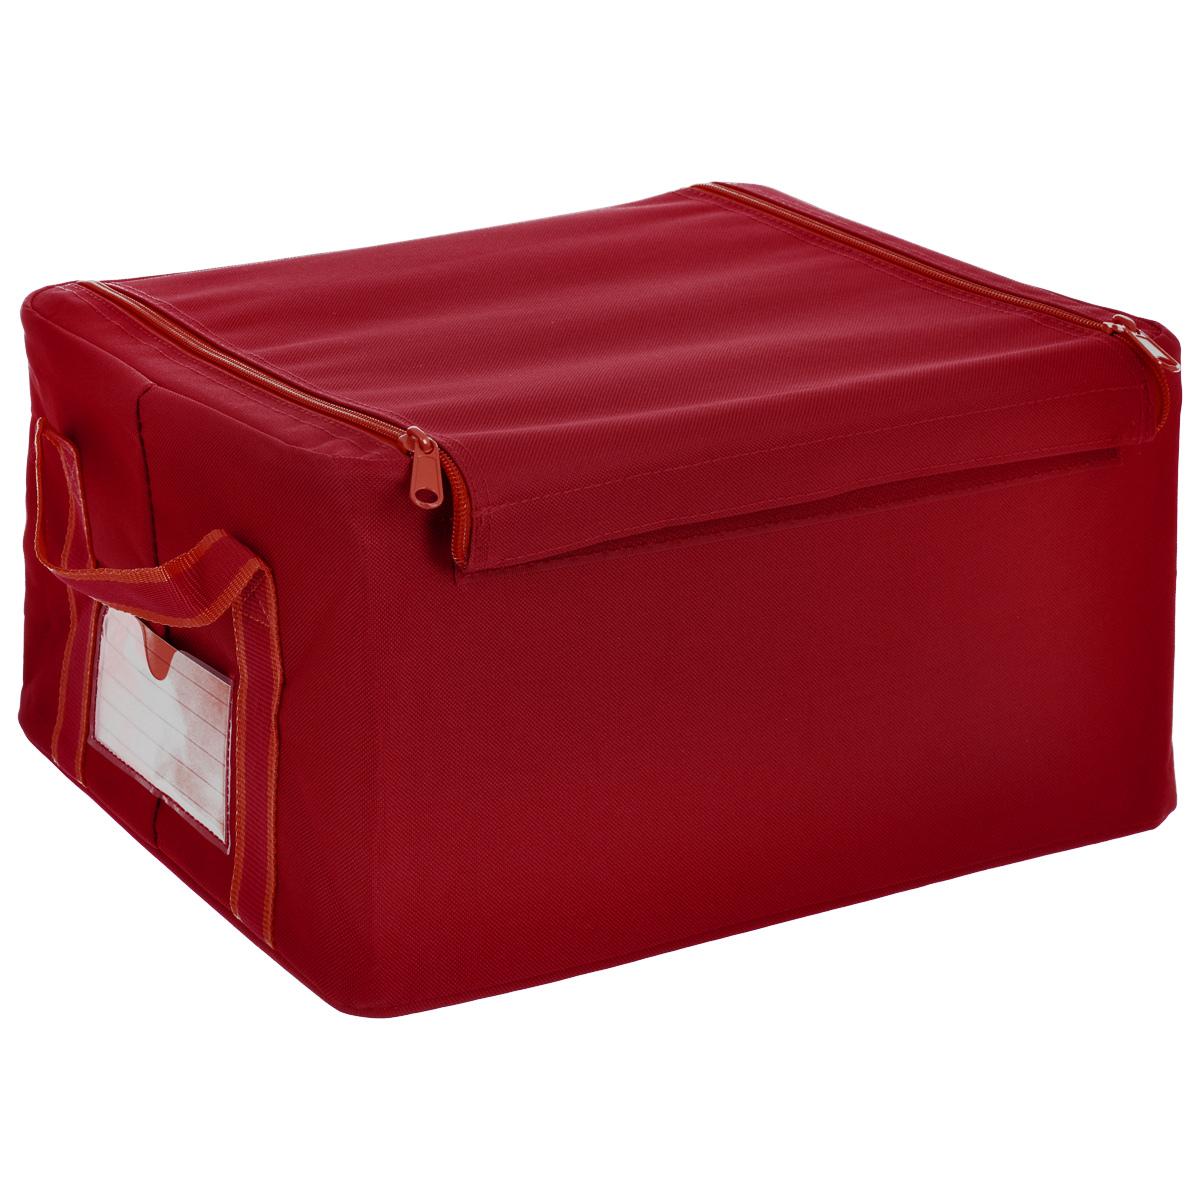 Коробка для хранения Reisenthel Storagebox, малая, цвет: красныйFR3004Универсальная коробка Reisenthel Storagebox из полиэстера пригодится для хранения сезонной одежды и обуви, аксессуаров, старых дневников и открыток, канцелярских принадлежностей и другой мелочи. Крышка закрывается на две змейки и липучку. Проволочный каркас и жесткое днище обеспечивают стабильность и устойчивость коробки. По бокам коробки две ручки для удобства переноски. Также можно подписать лейбл с указанием содержимого коробки. Объем коробки: 18 л. Максимальная нагрузка: 20 кг.